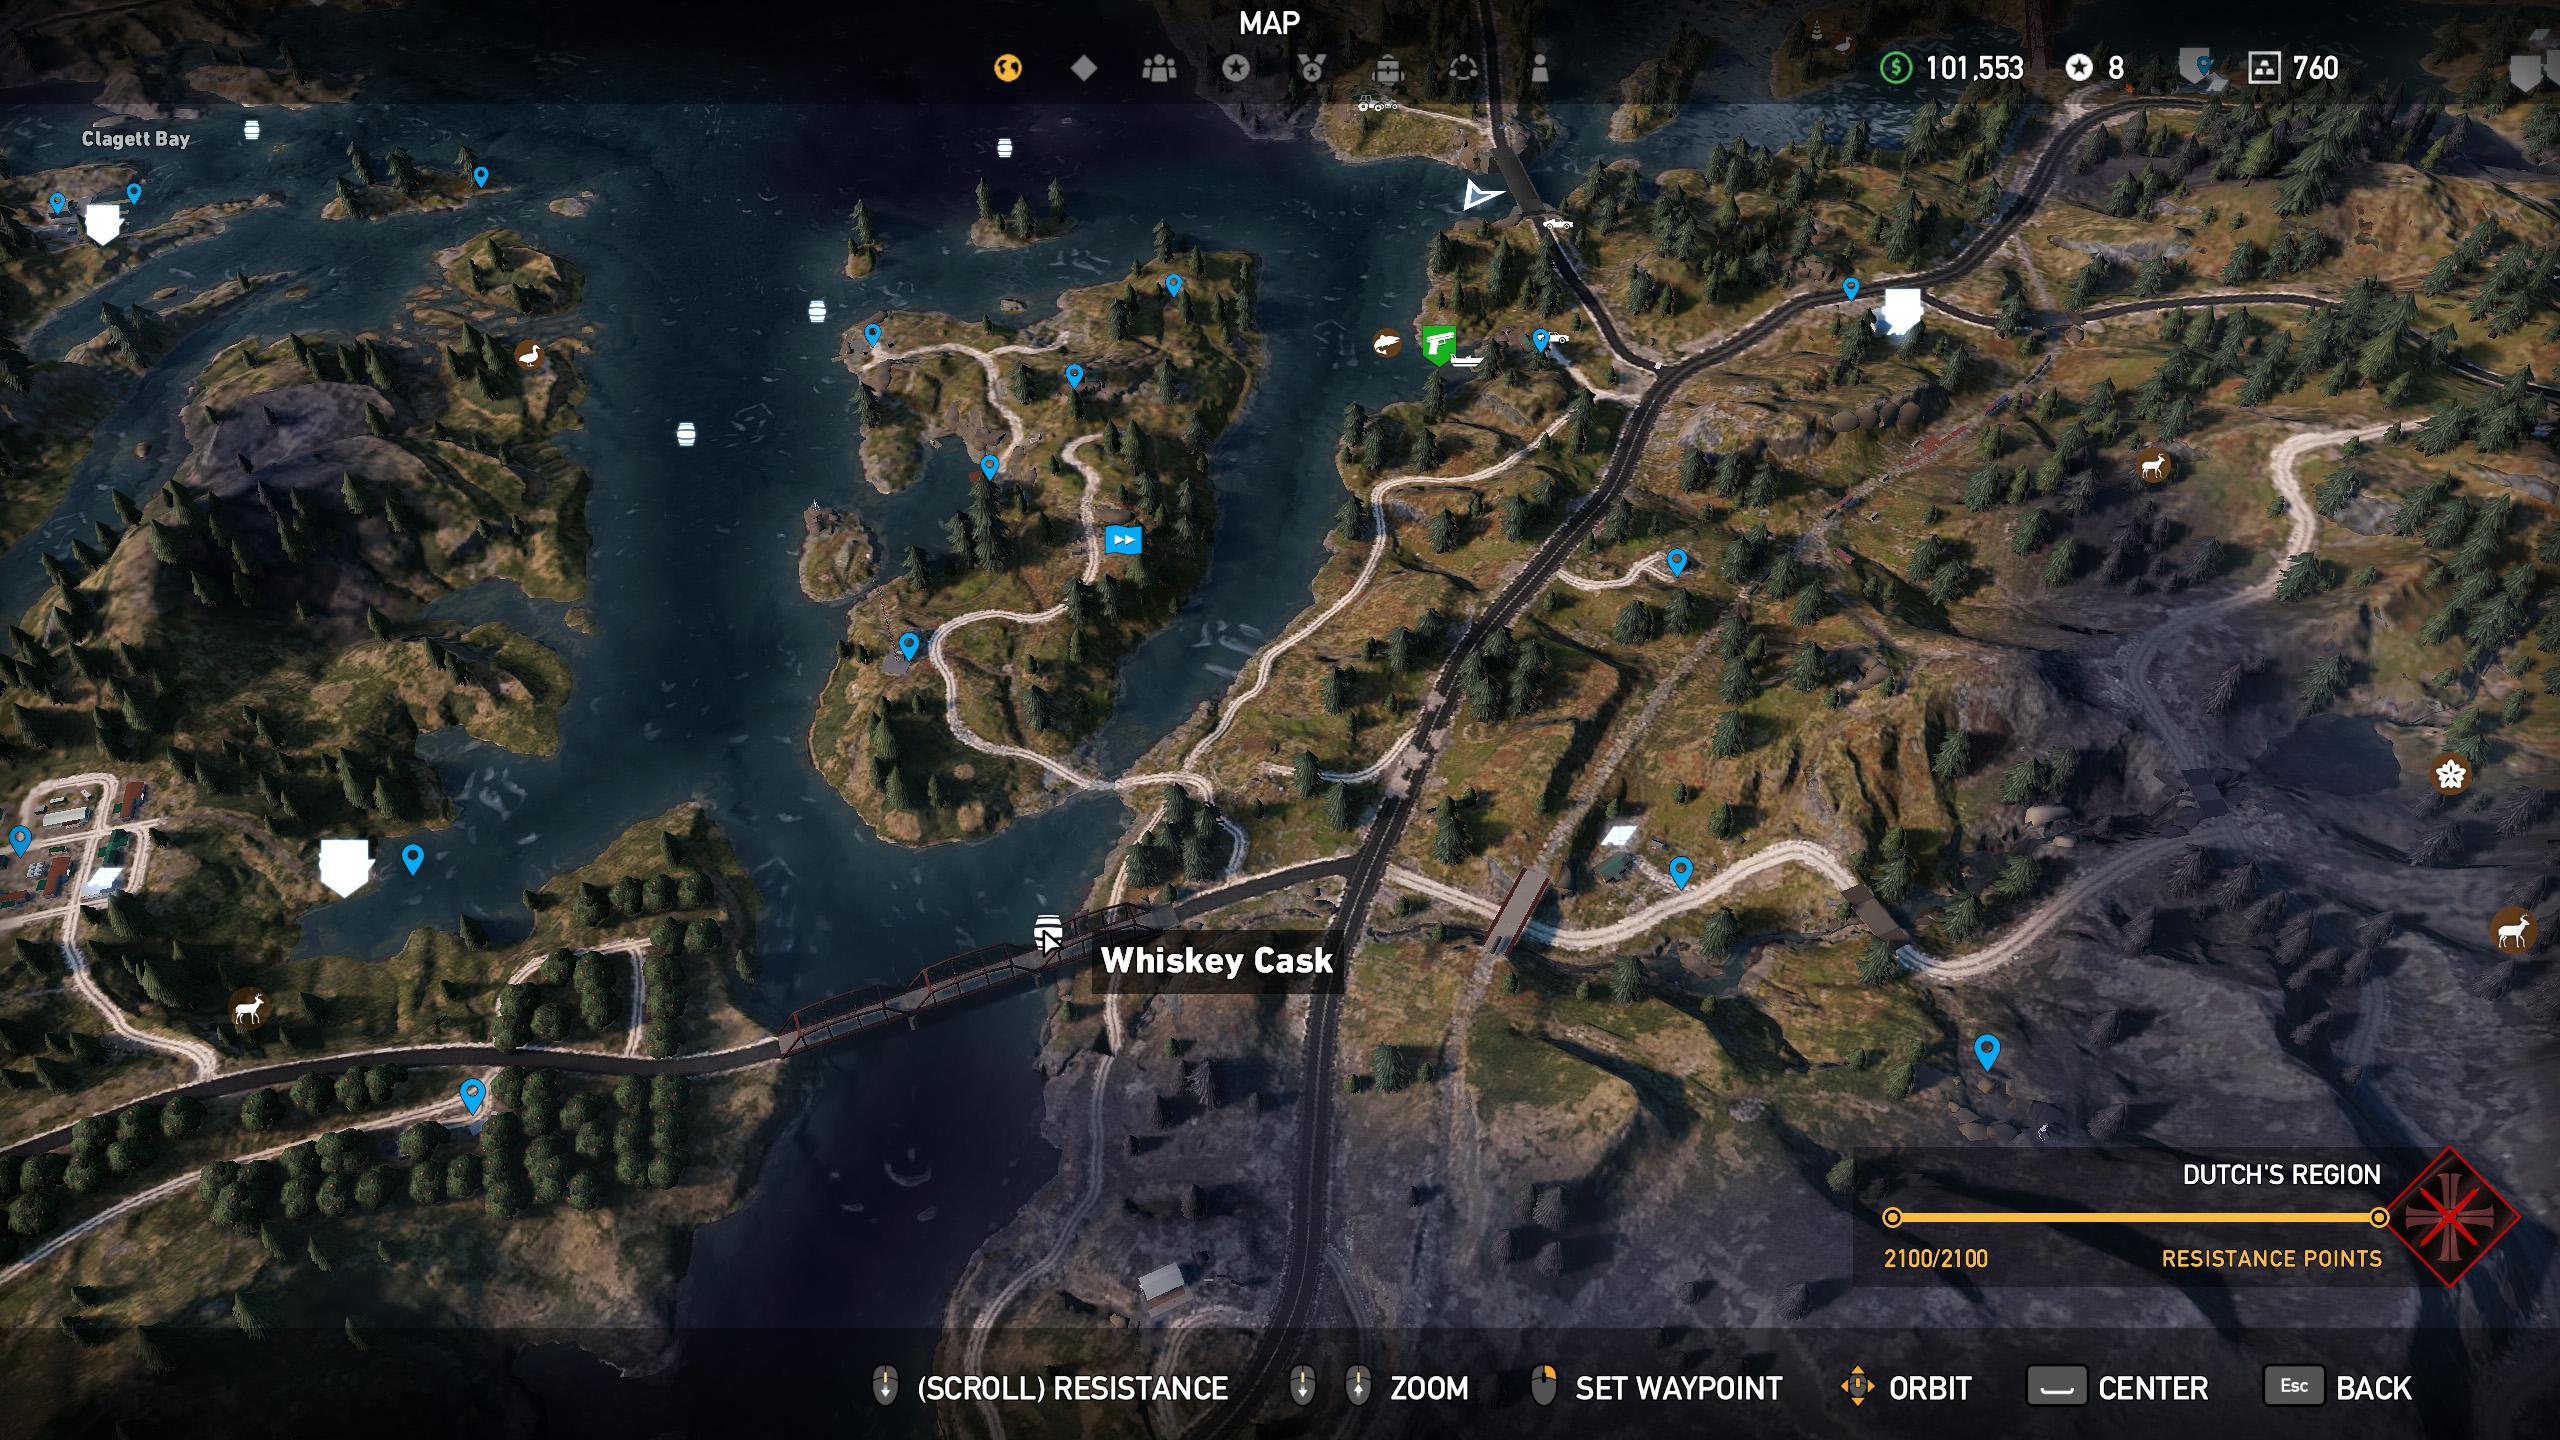 Far Cry 5 whiskey barrel location 7